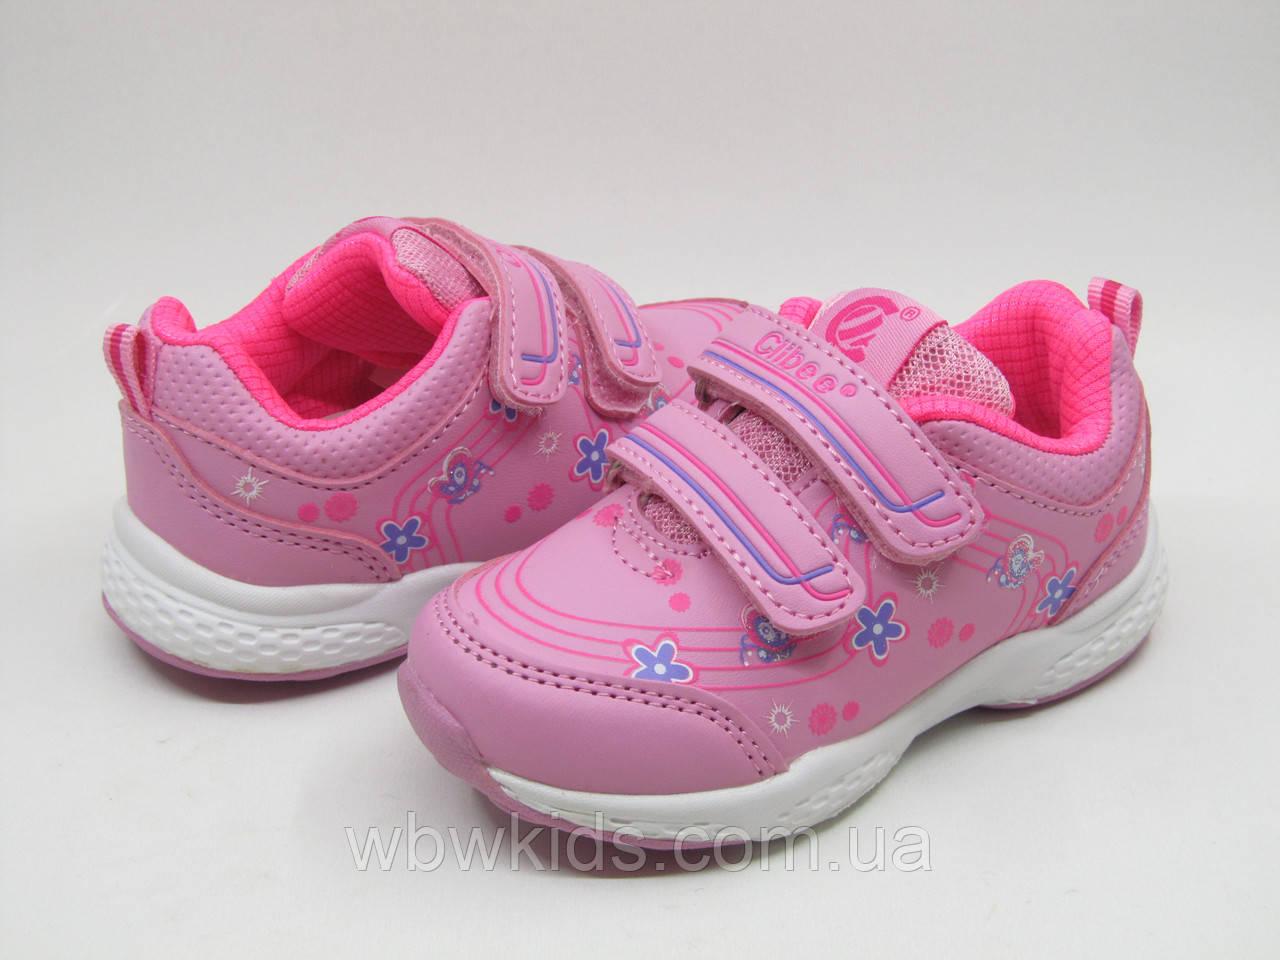 Кроссовки детские Clibee F-708 pink для девочки